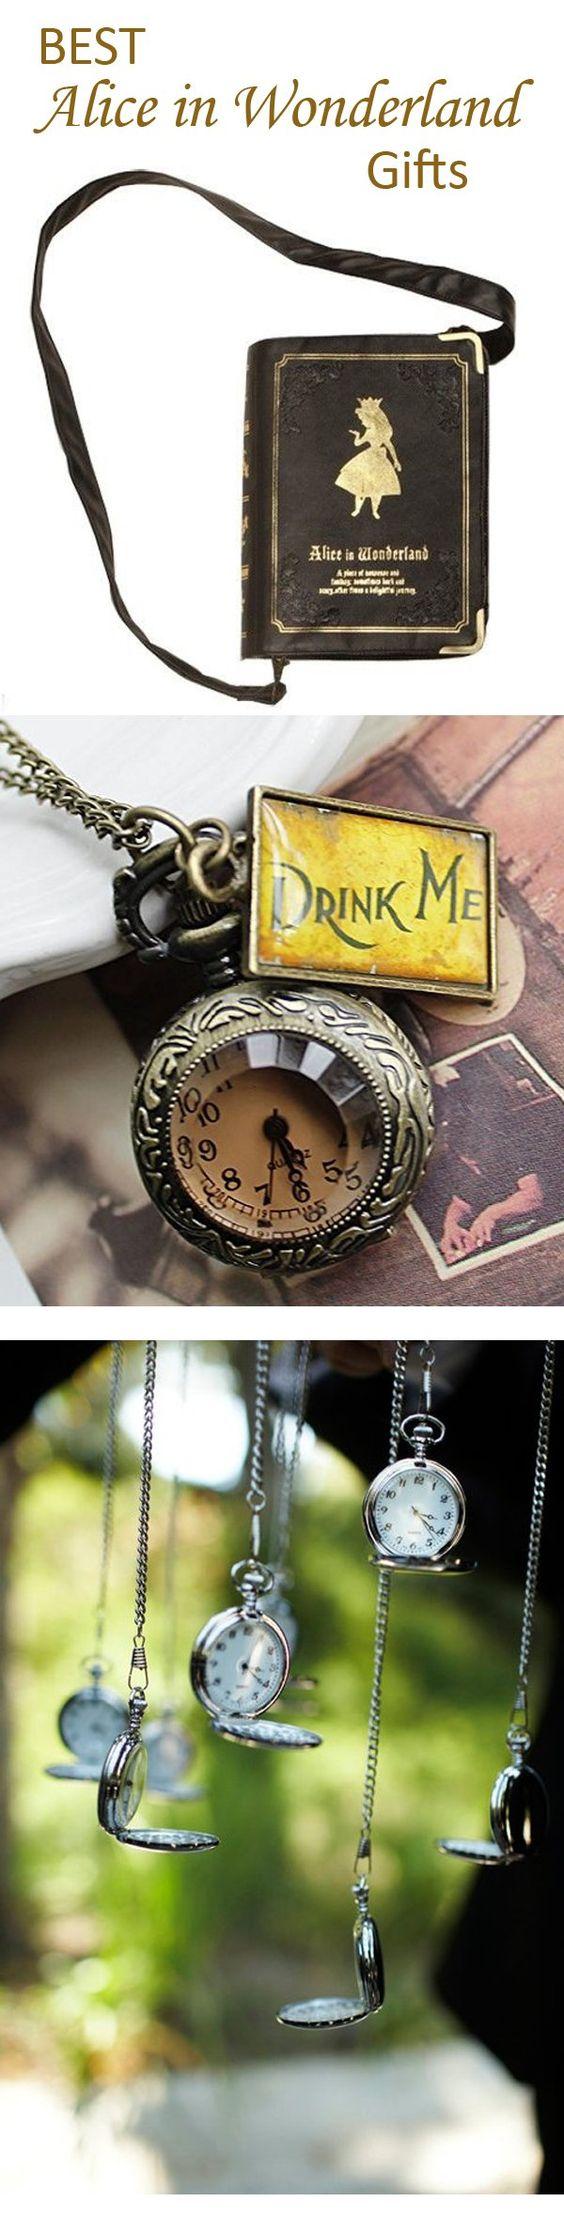 Alice in Wonderland Drink Me Steampunk Pocket Watch http://www.amazon.com/dp/B00RJG62LE